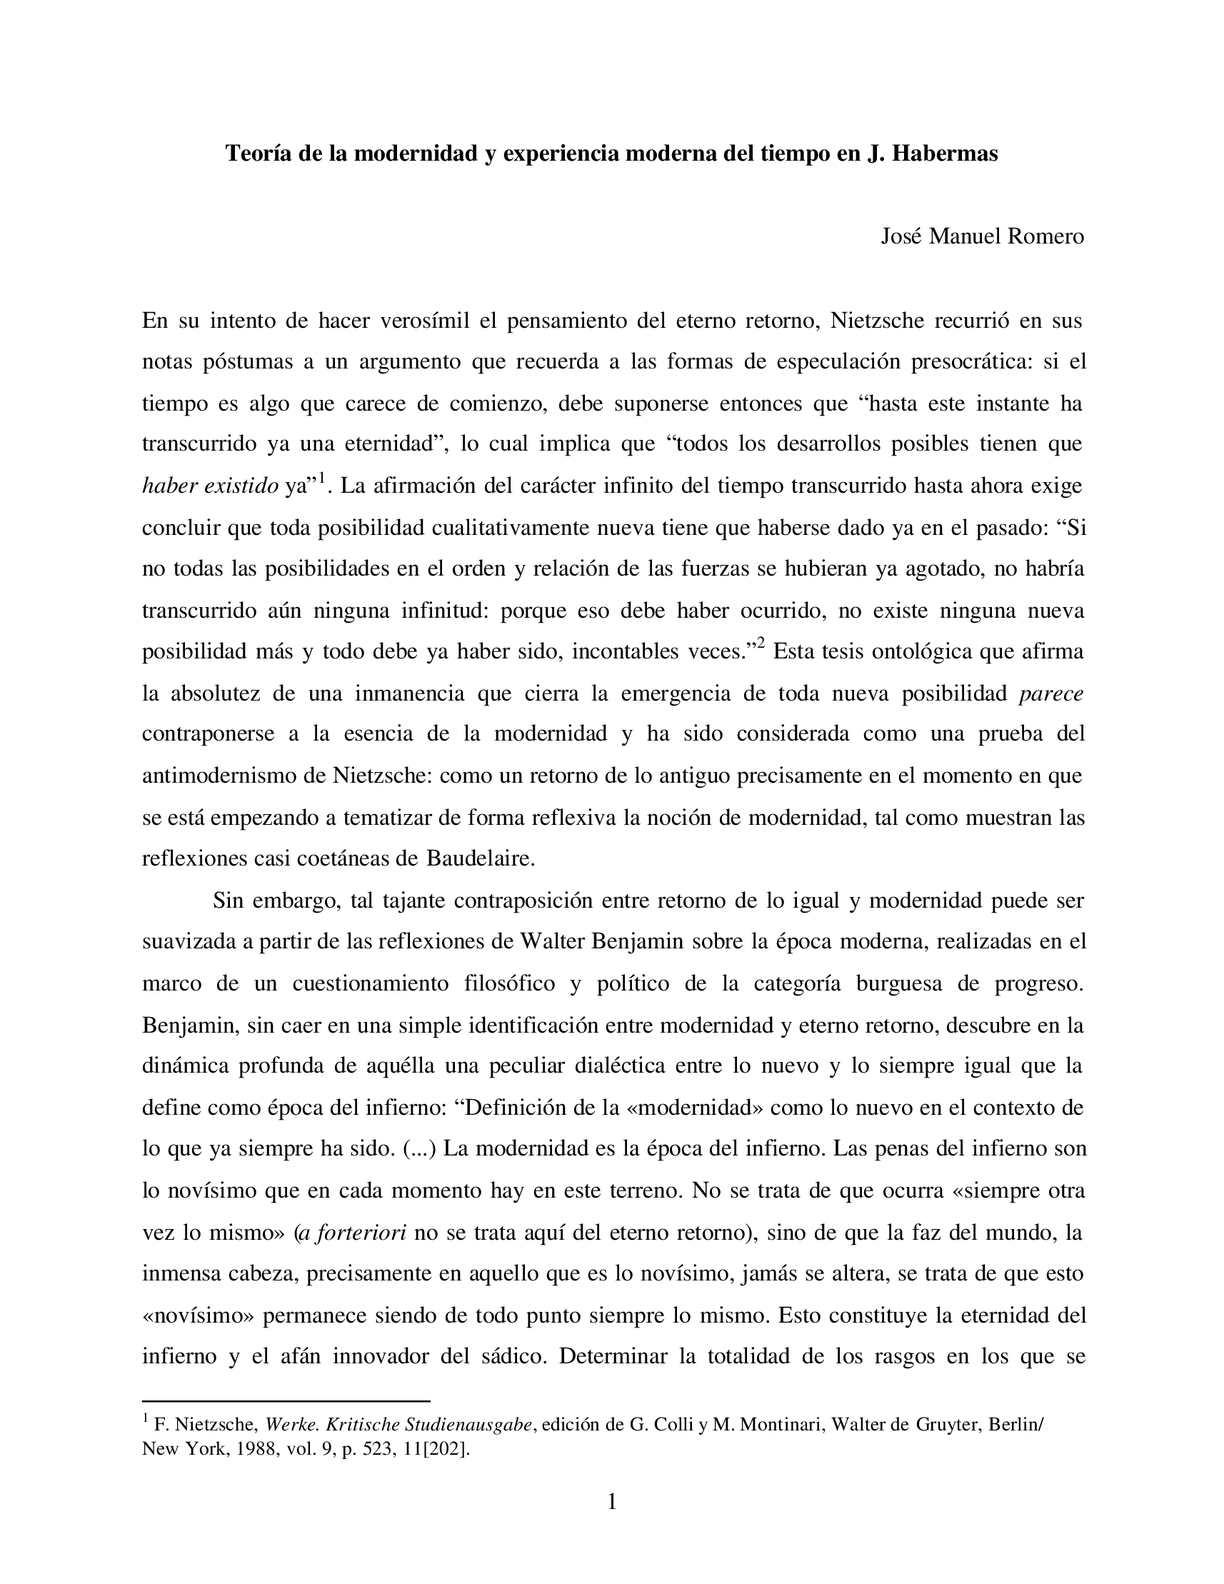 MODERNIDAD DEFINICION PDF DOWNLOAD